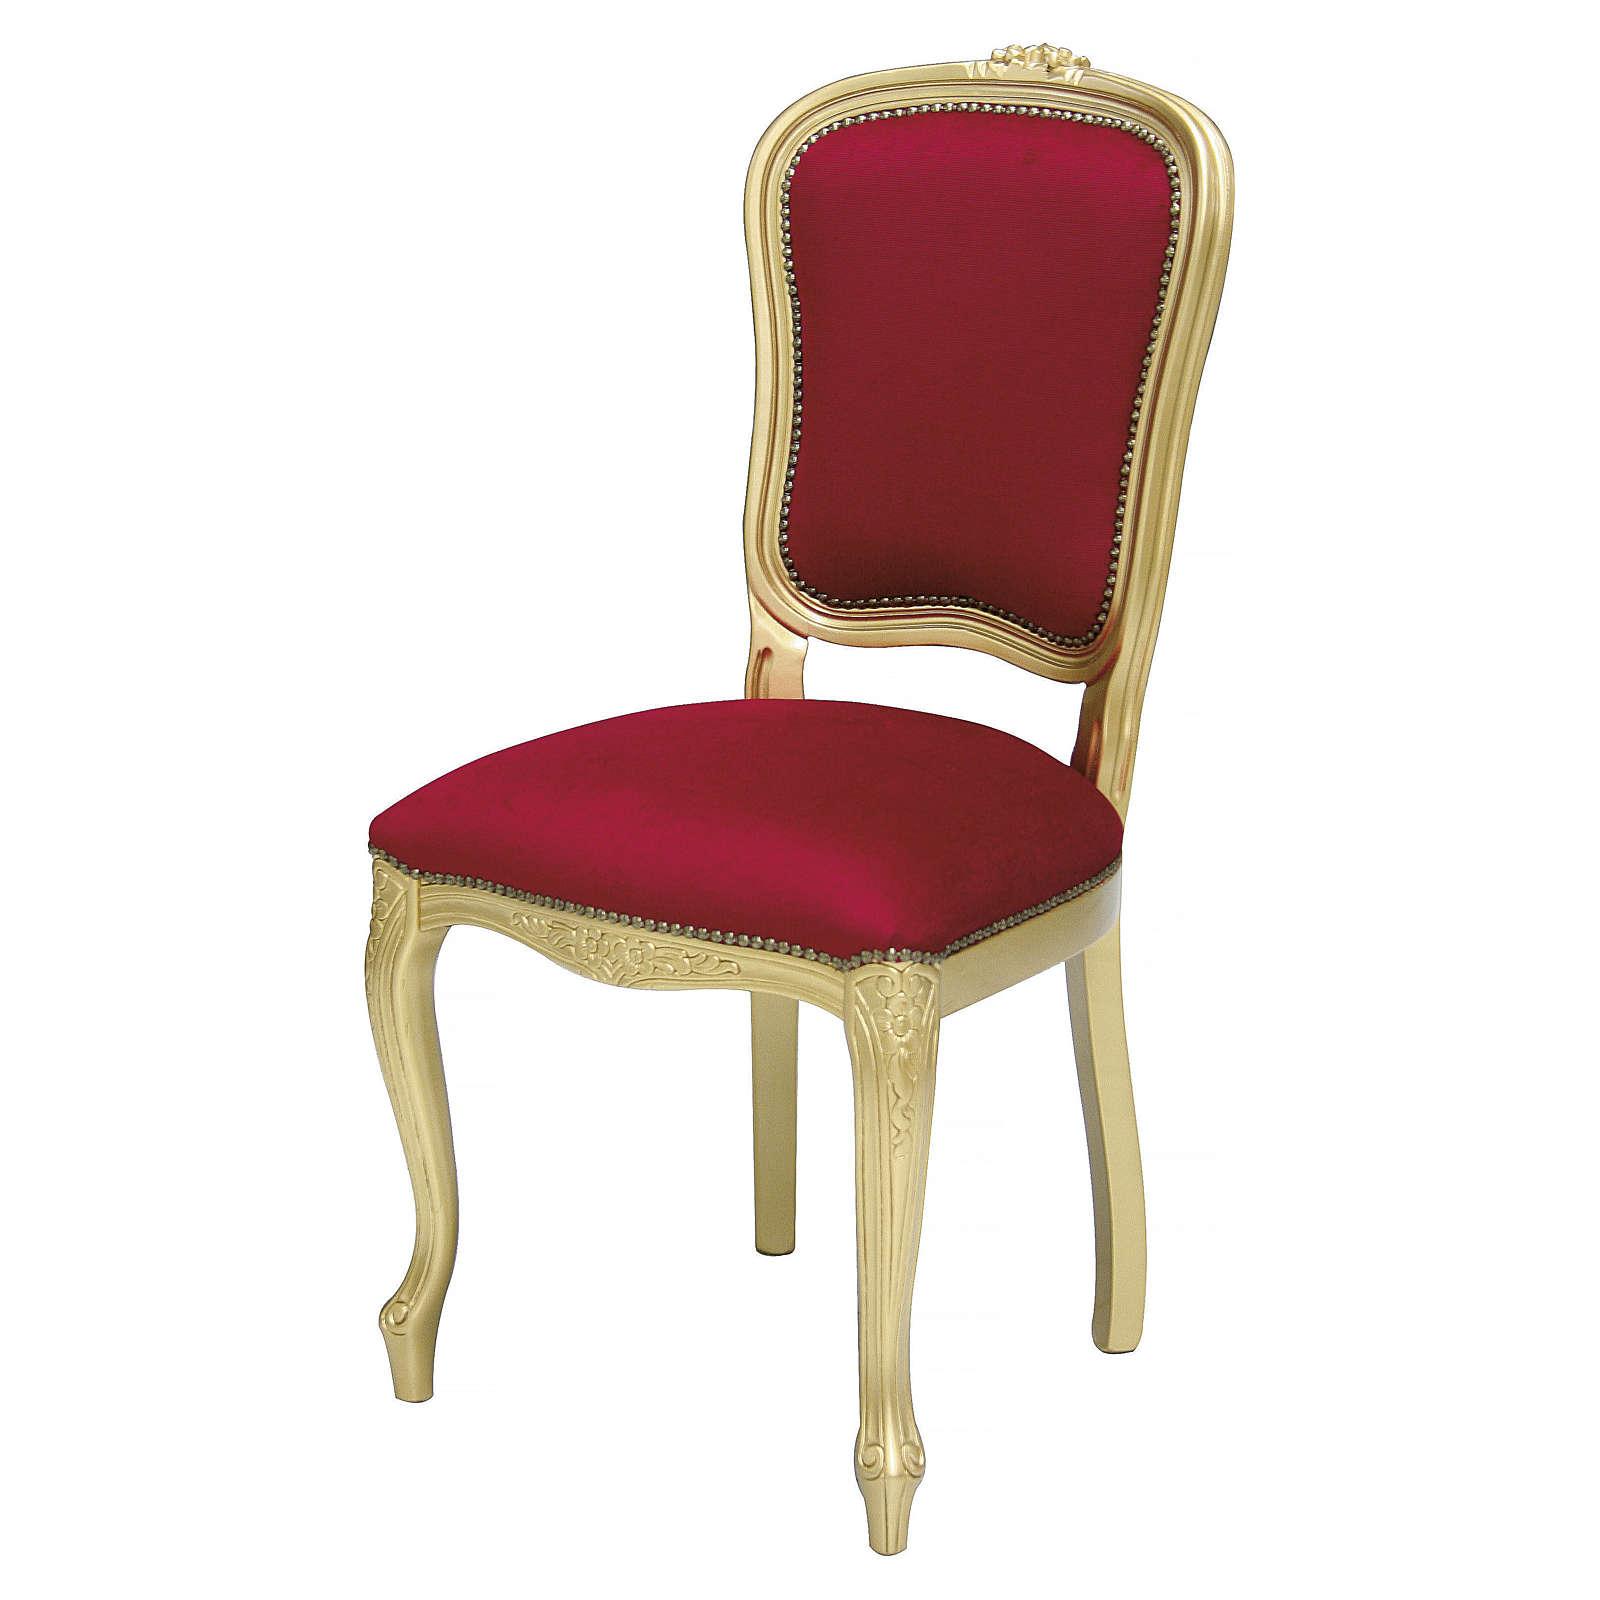 Silla de madera de nogal estilo barroco acabado pan de oro y terciopelo rojo 4